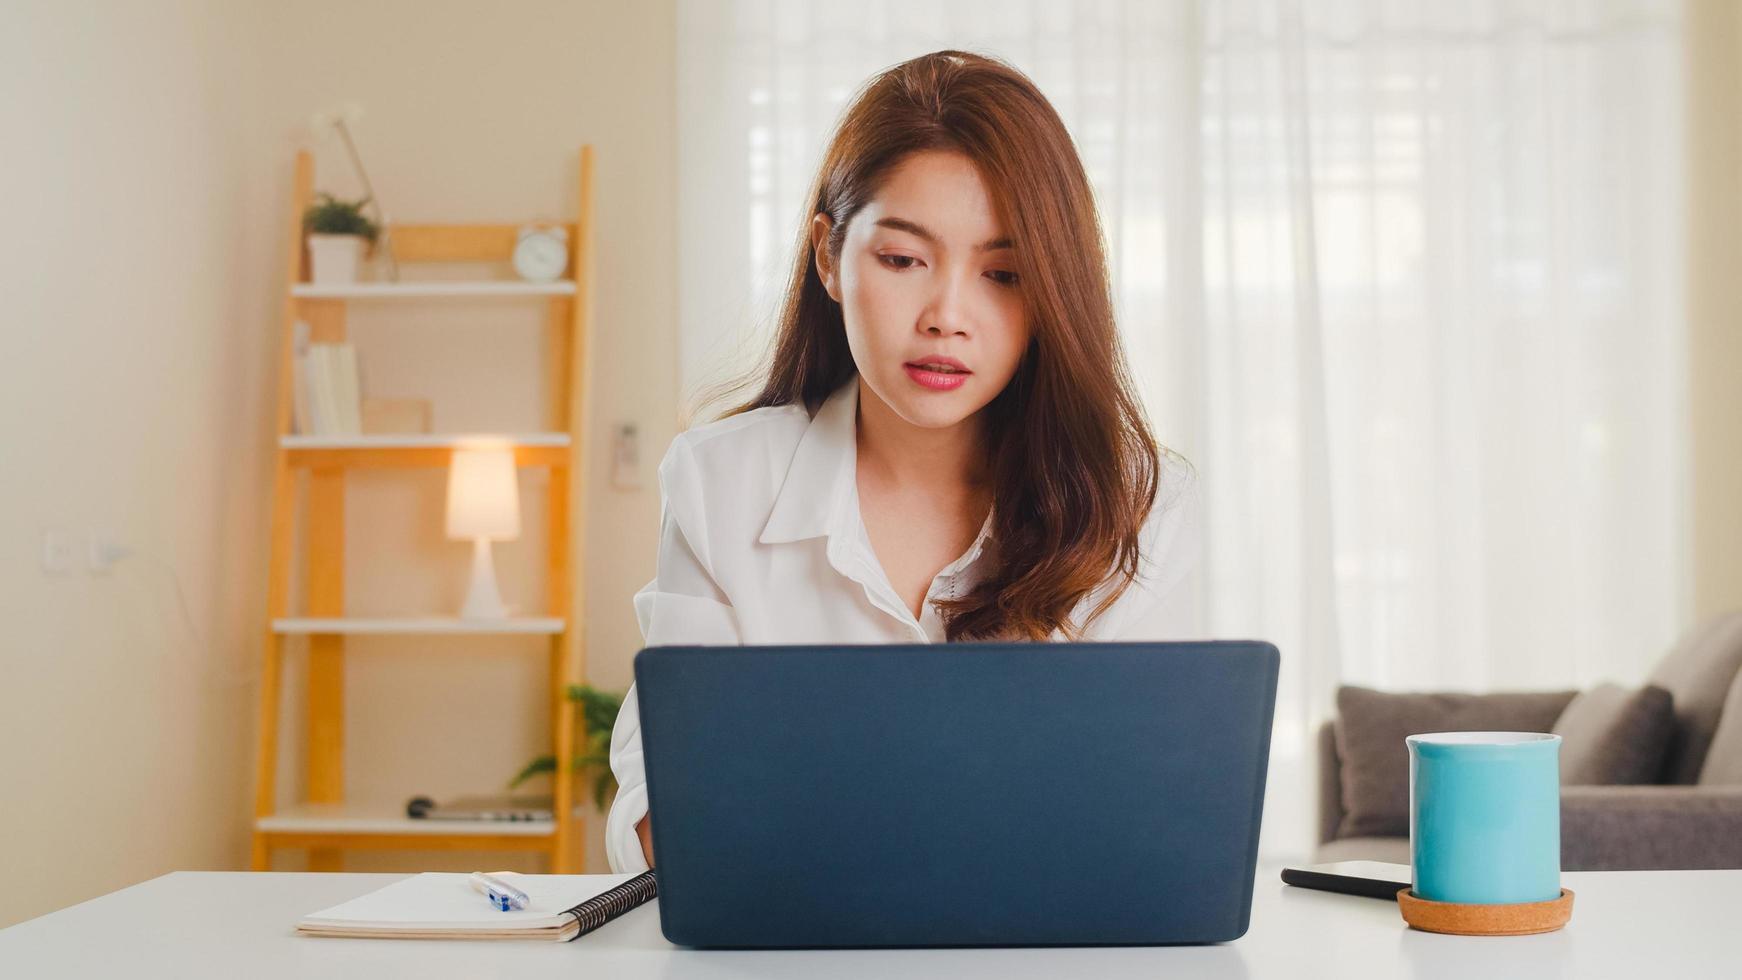 empresária asiática usando laptop conversar com colegas. foto